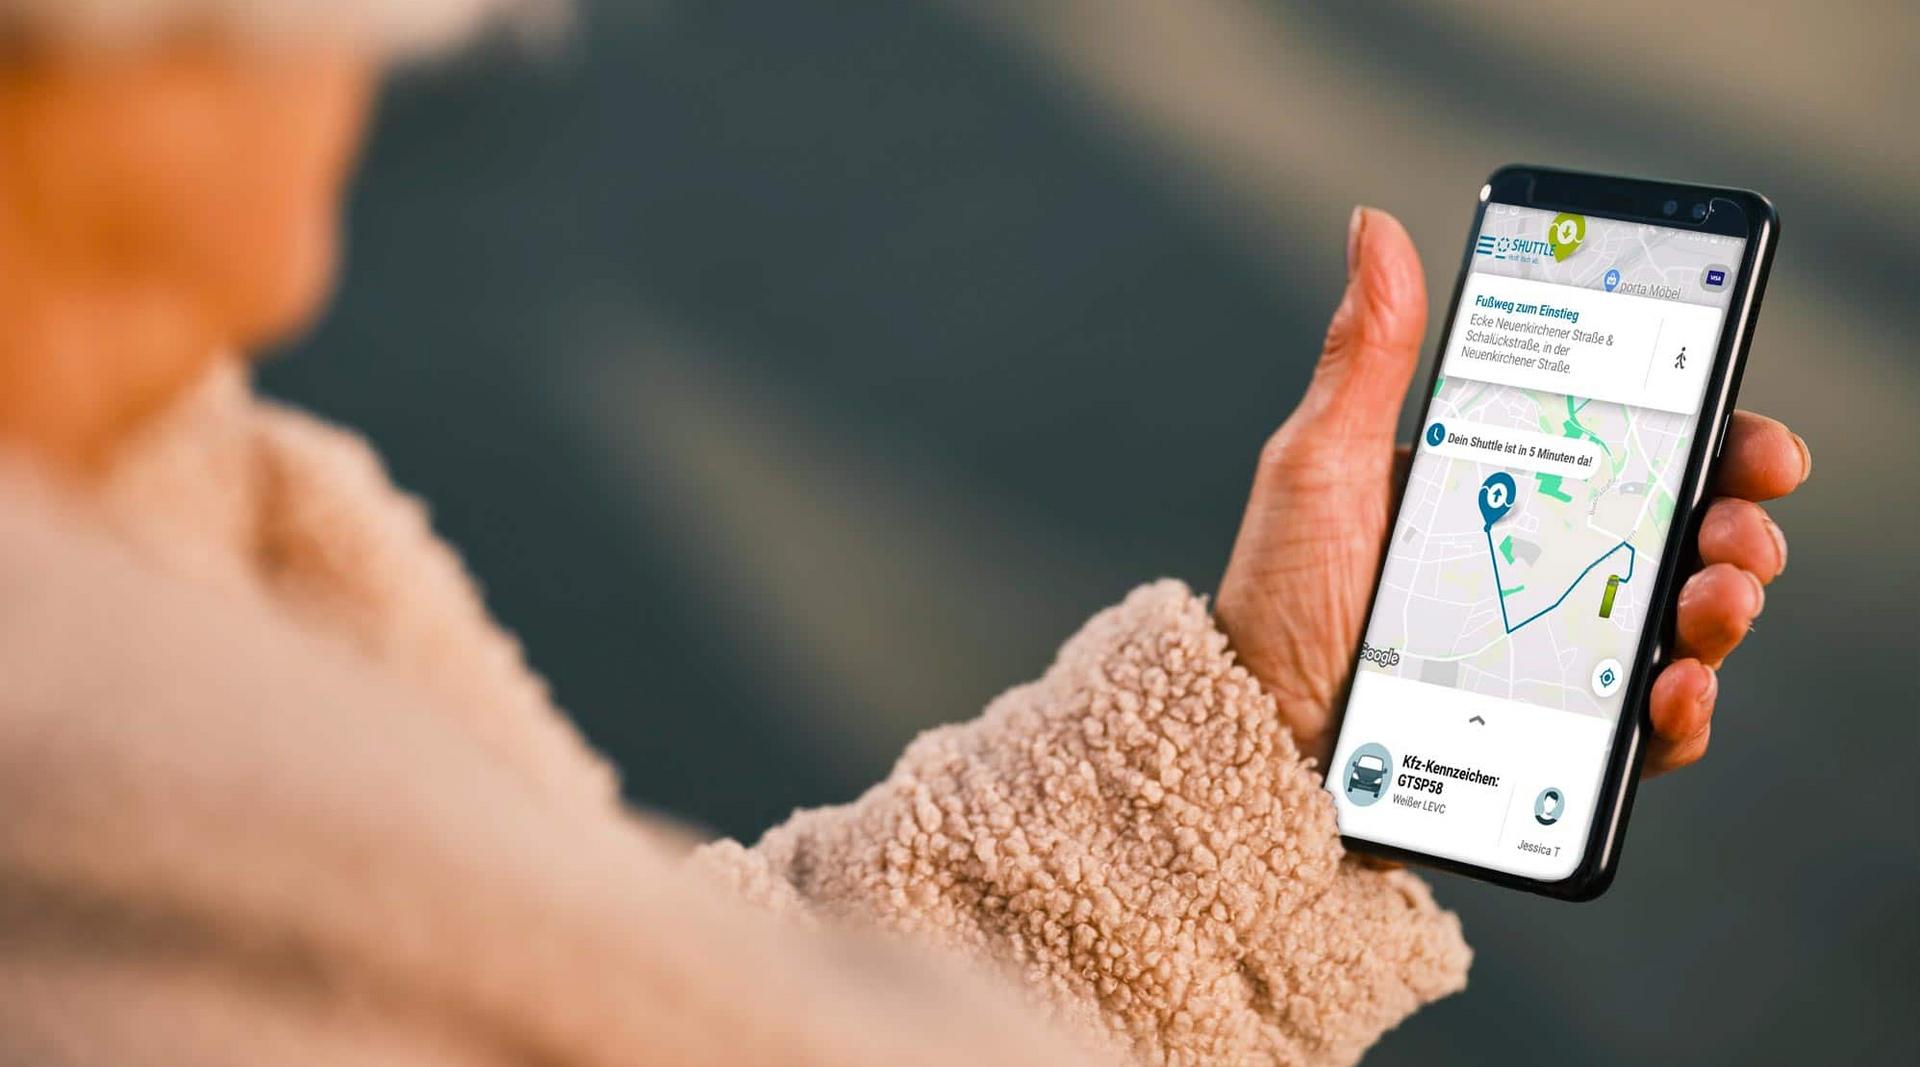 Eine Frau hält ein Smartphone in der Hand, auf dessen Bildschirm eine Route angezeigt wird.